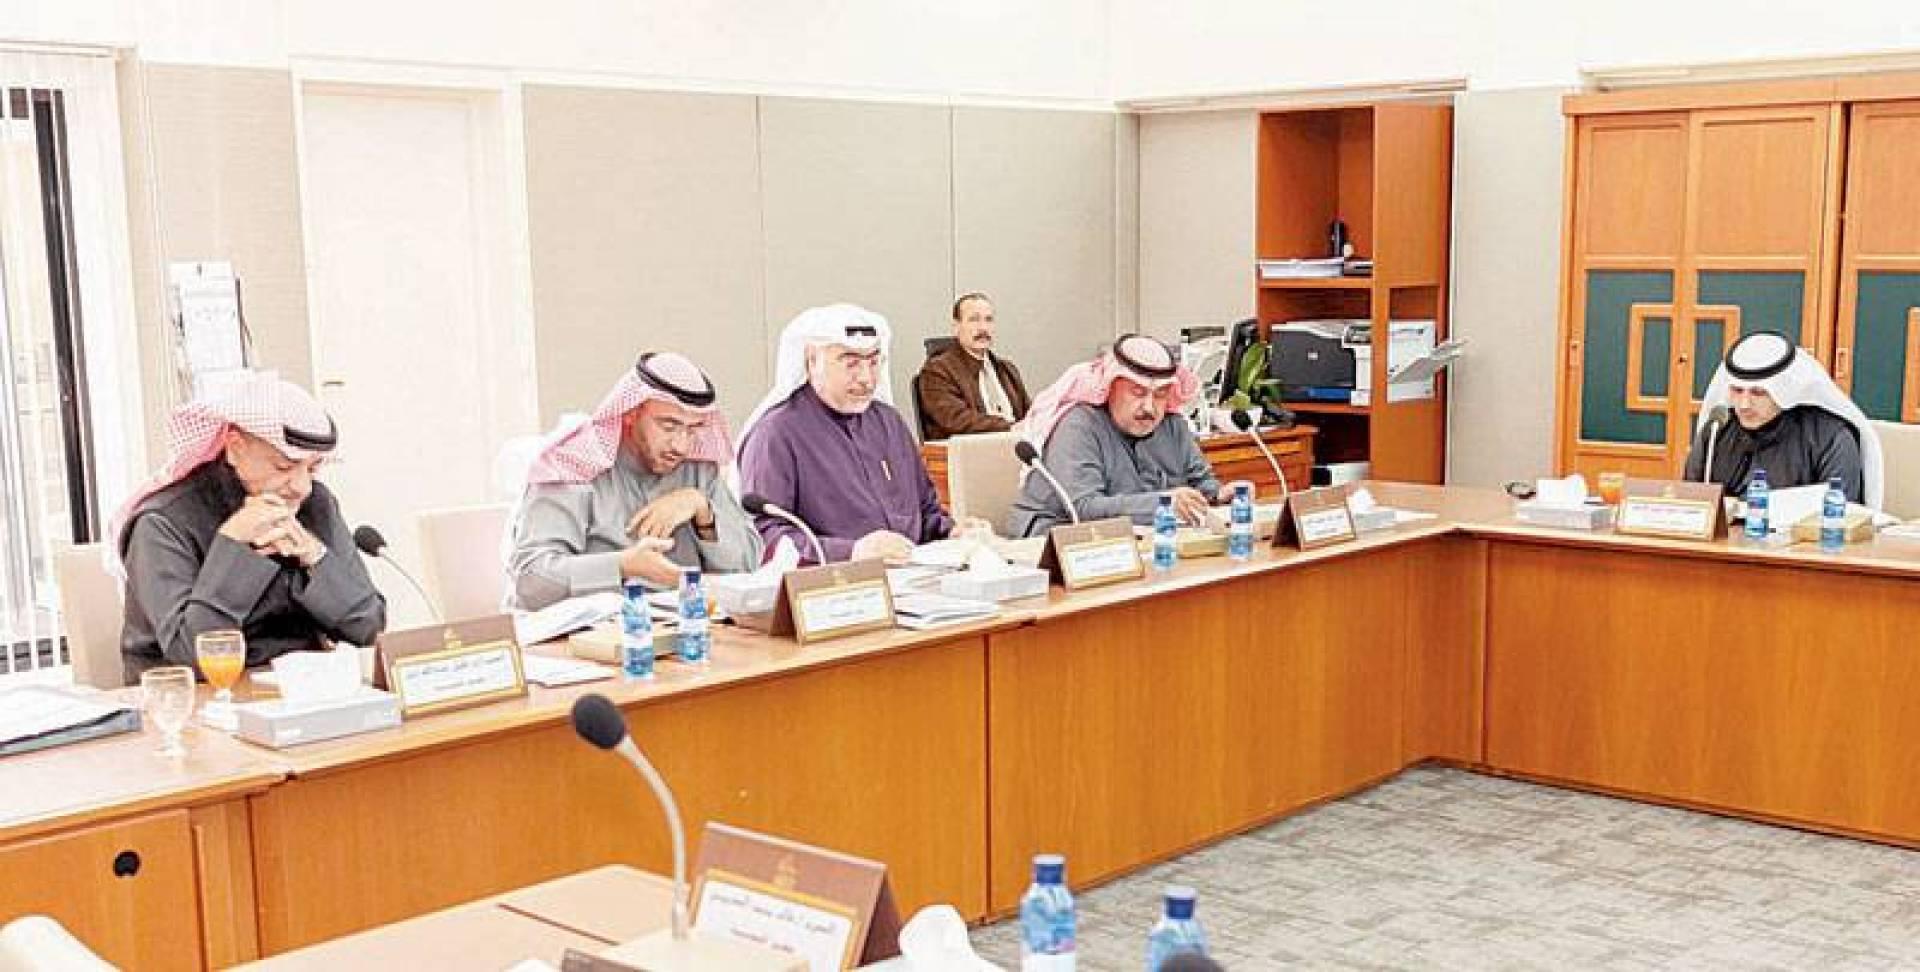 الفضل ودميثير والشطي والدلال خلال اجتماع اللجنة التشريعية أمس